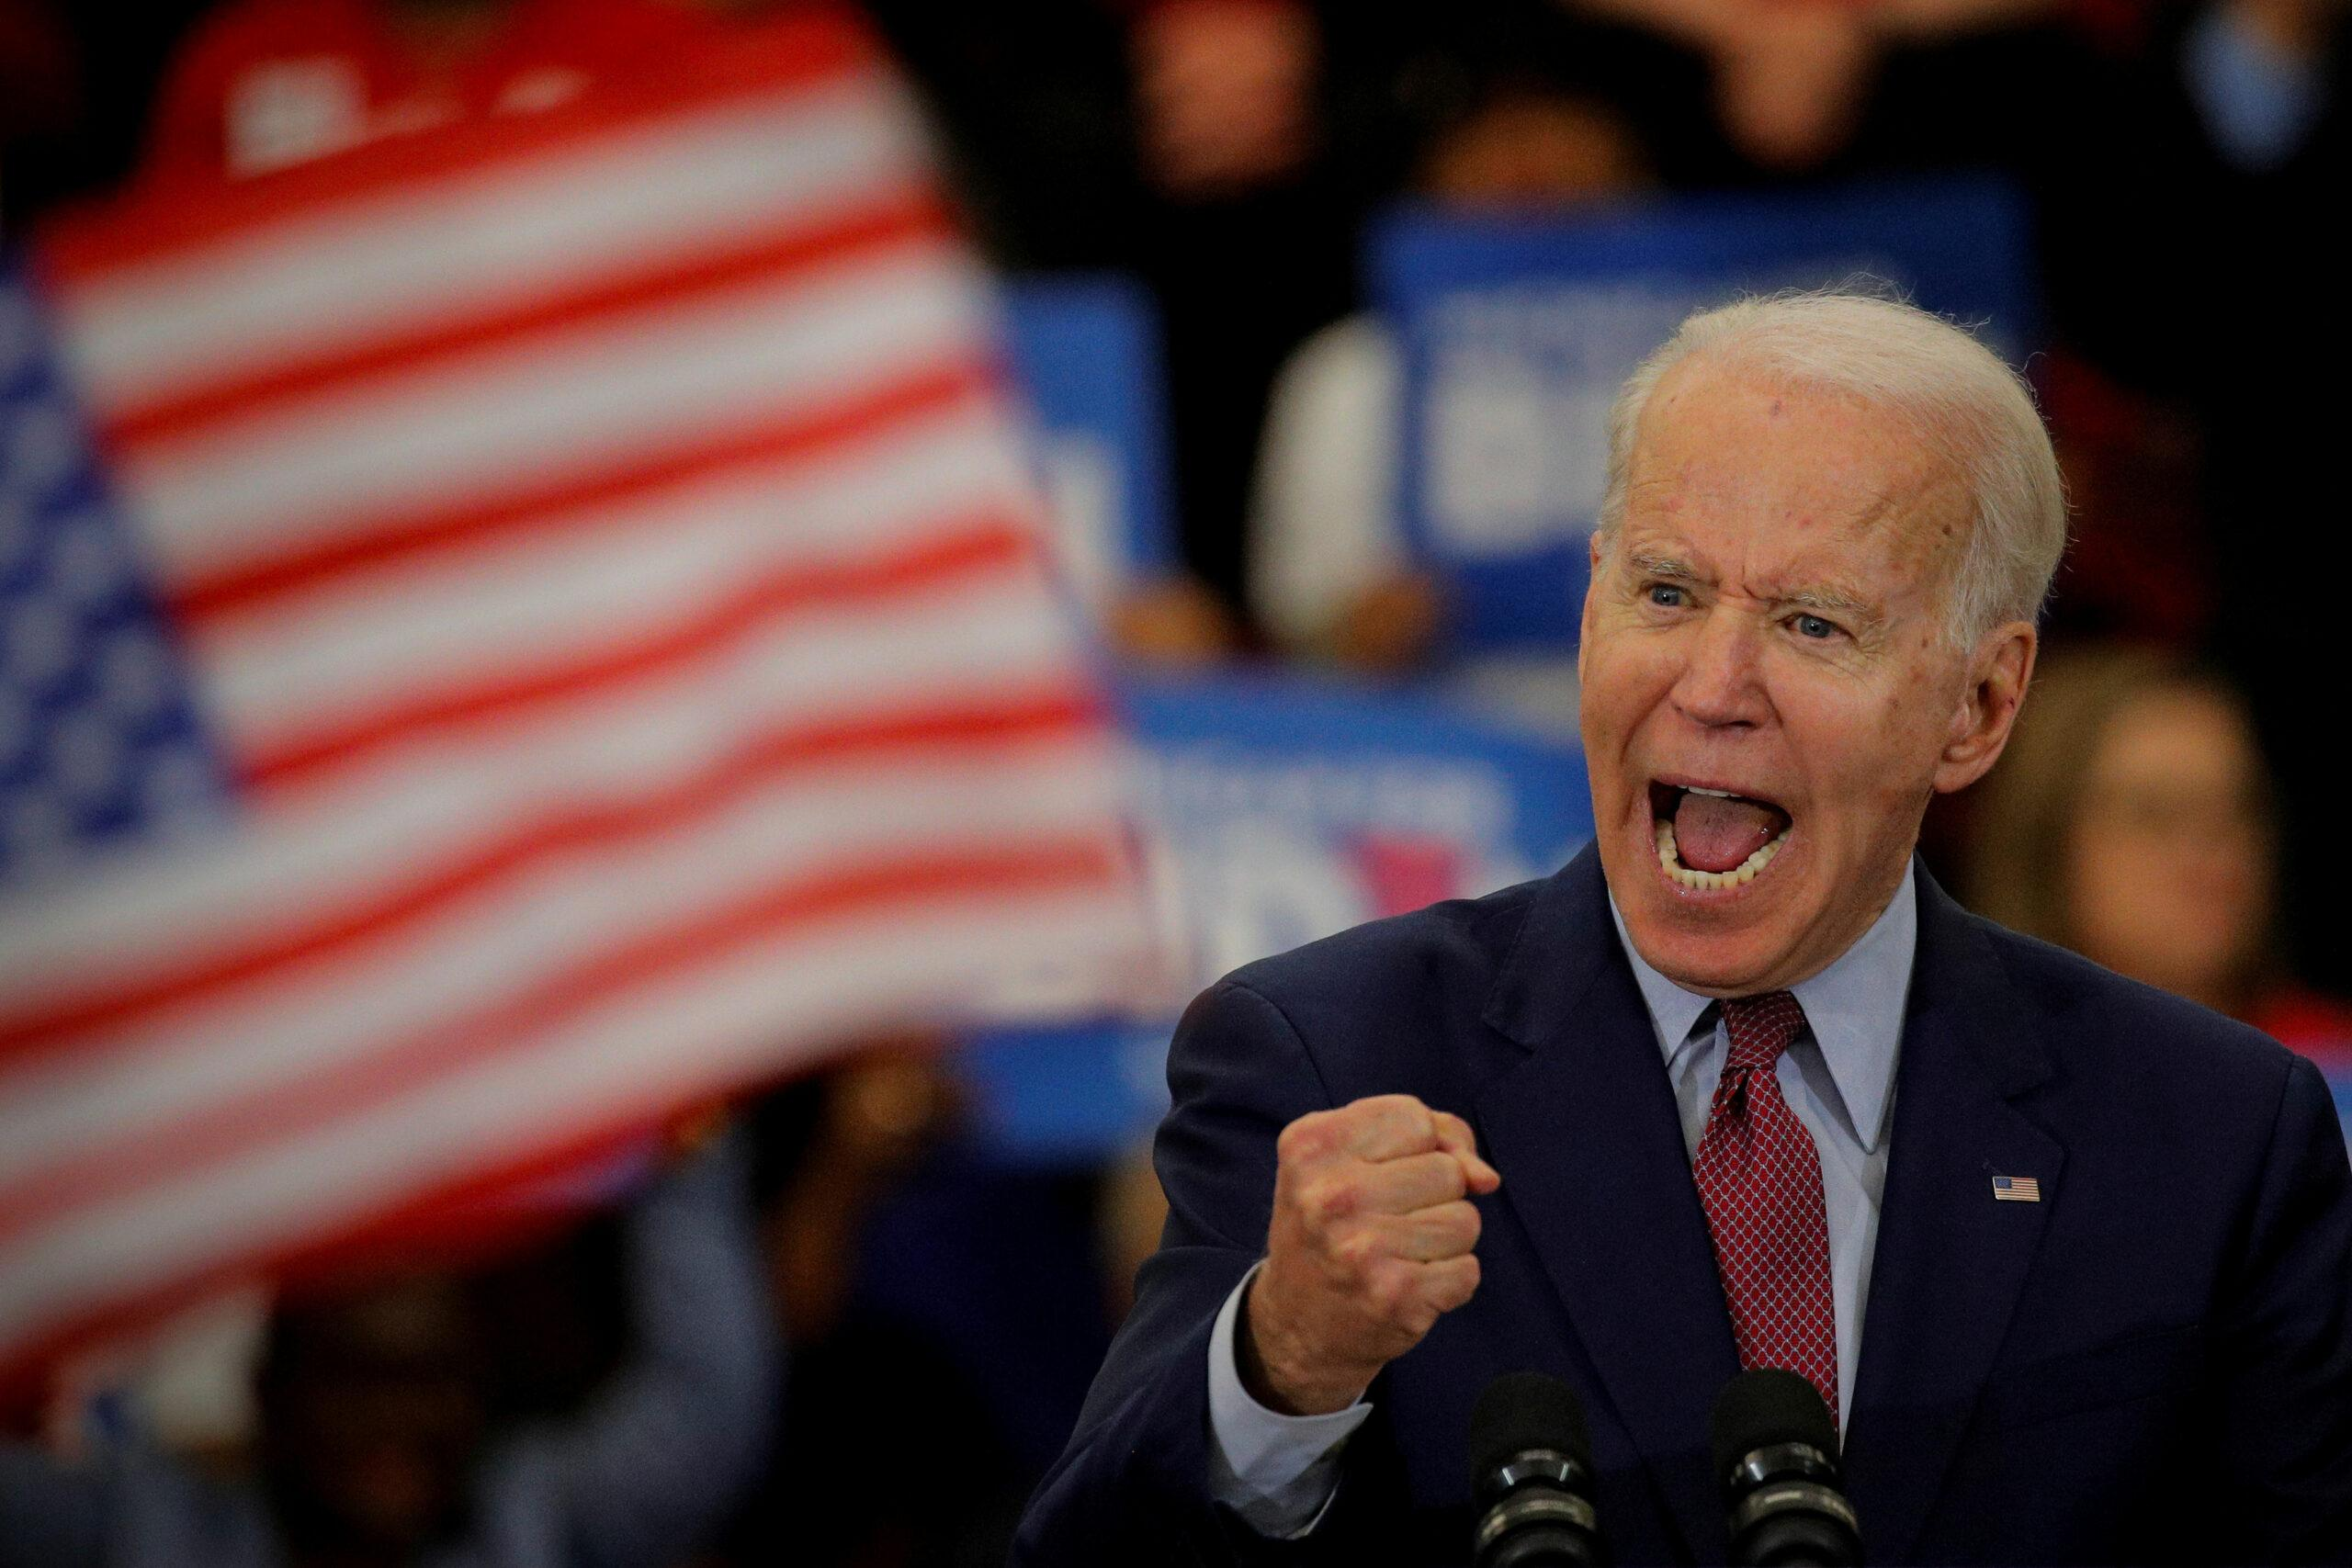 Eleições dos EUA Joe Biden ganha na maioria dos estados decisivos